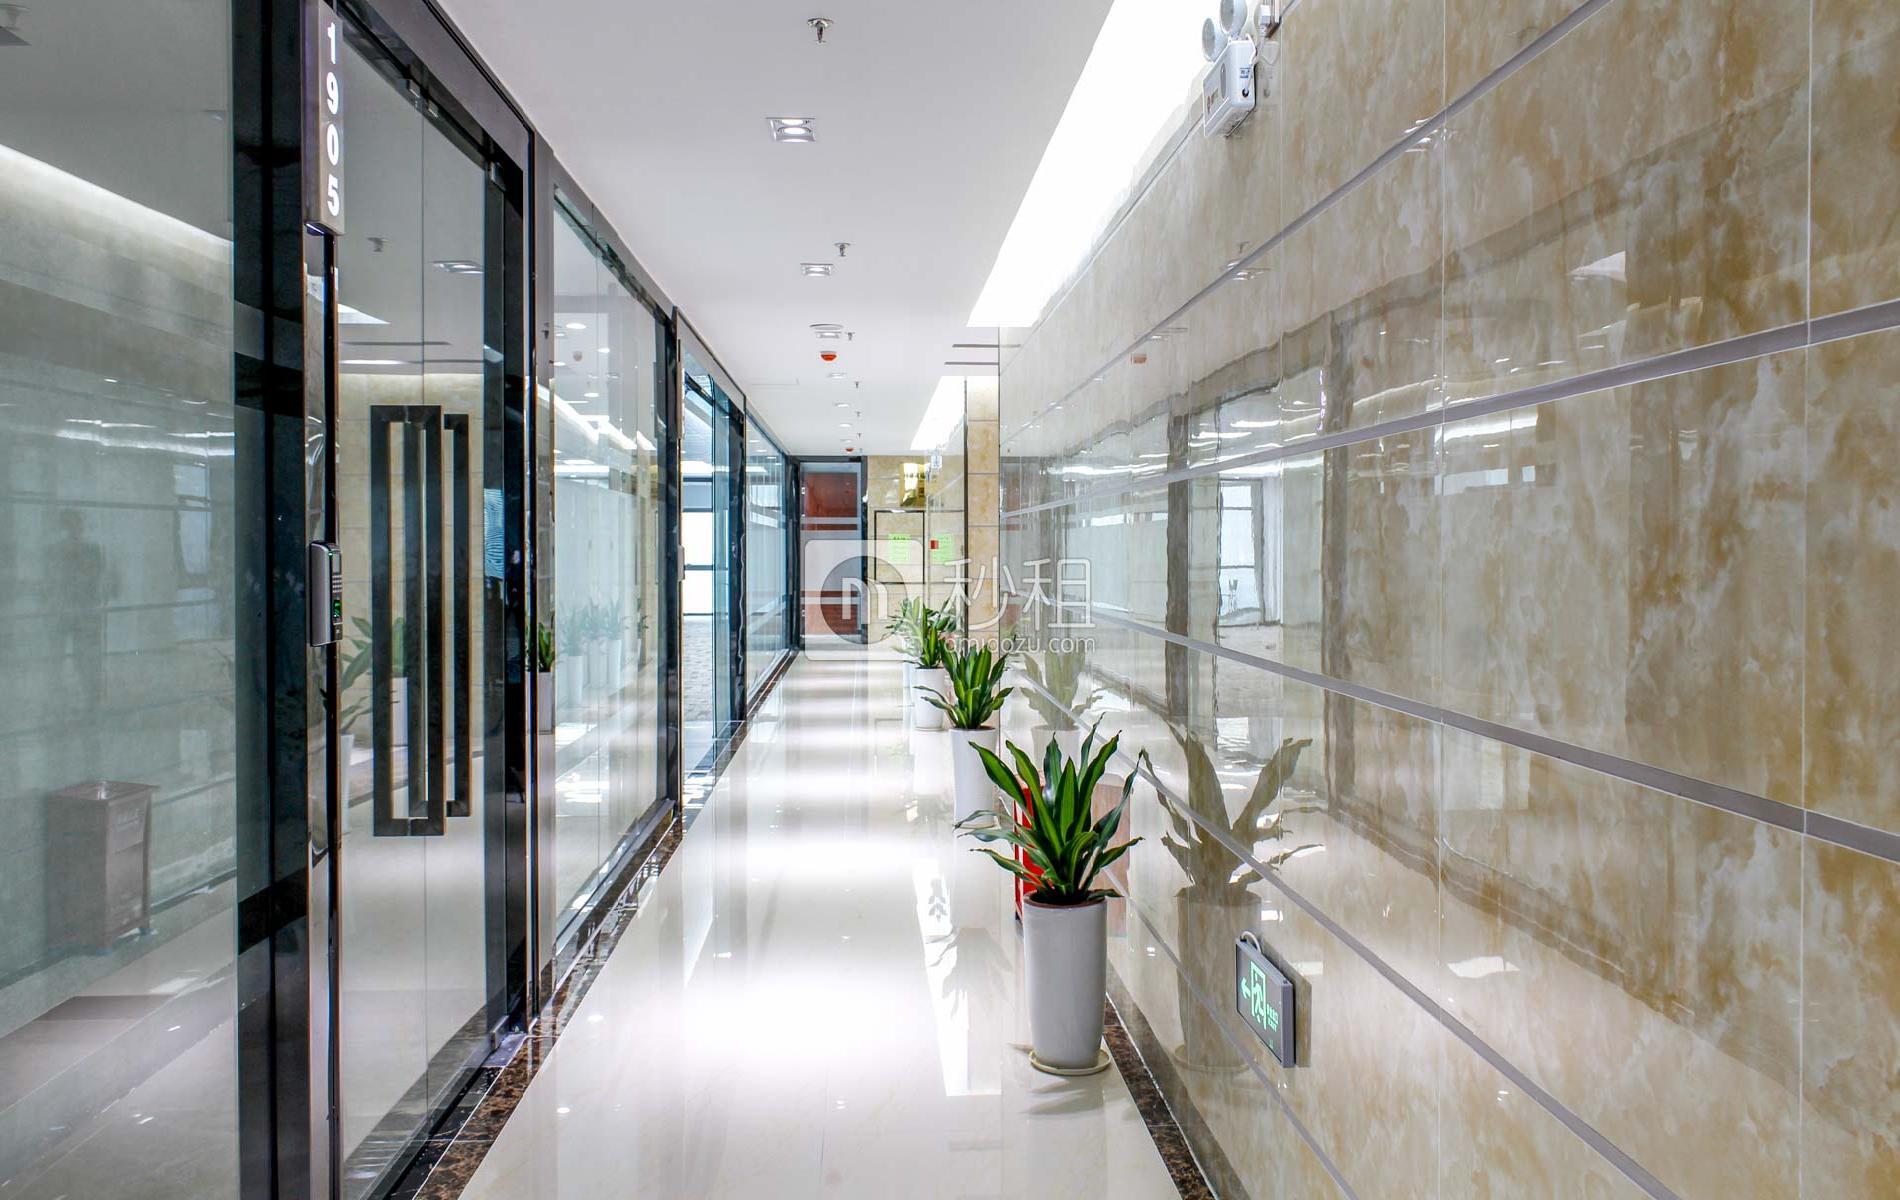 创新大厦写字楼出租/招租/租赁,创新大厦办公室出租/招租/租赁